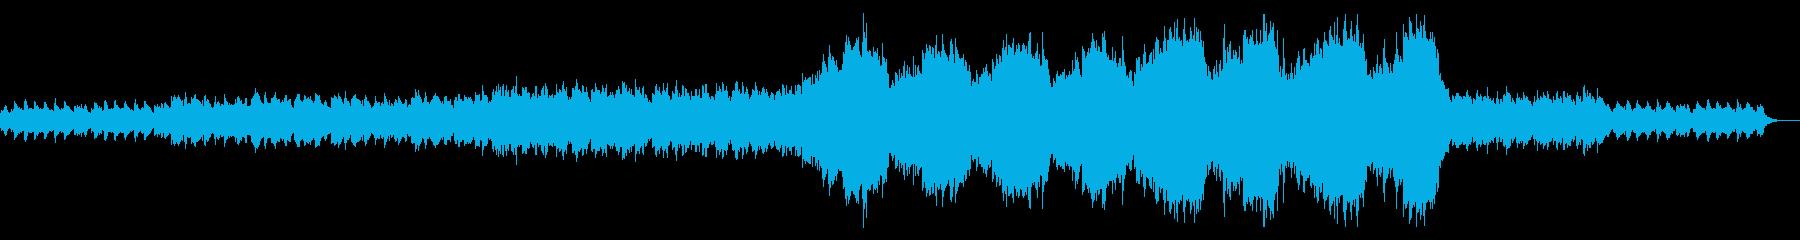 企業VPや映像に最適なピアノインストの再生済みの波形